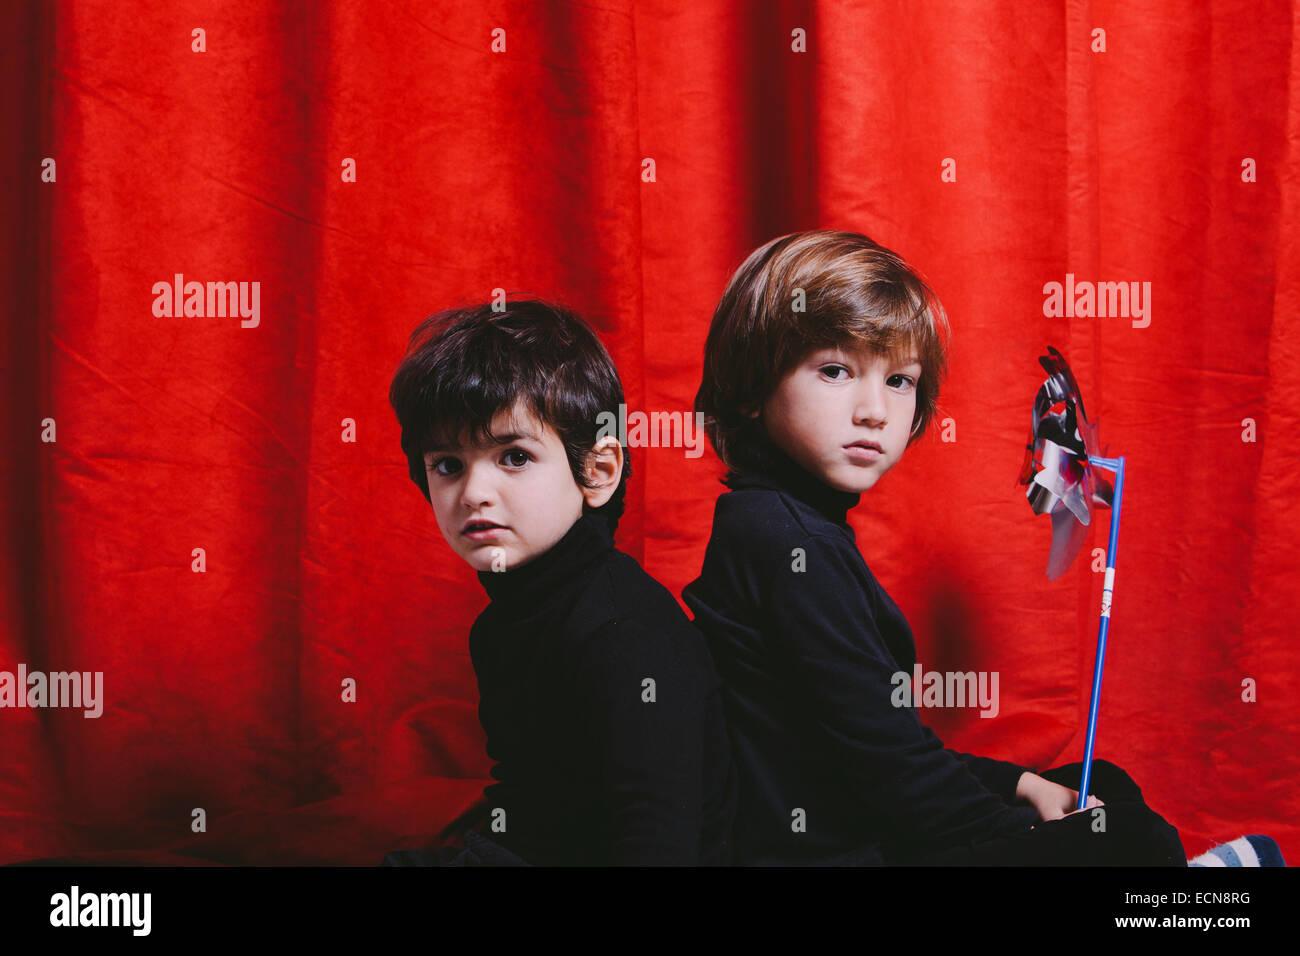 Retrato de estudio de dos niños vistiendo ropa negra Imagen De Stock